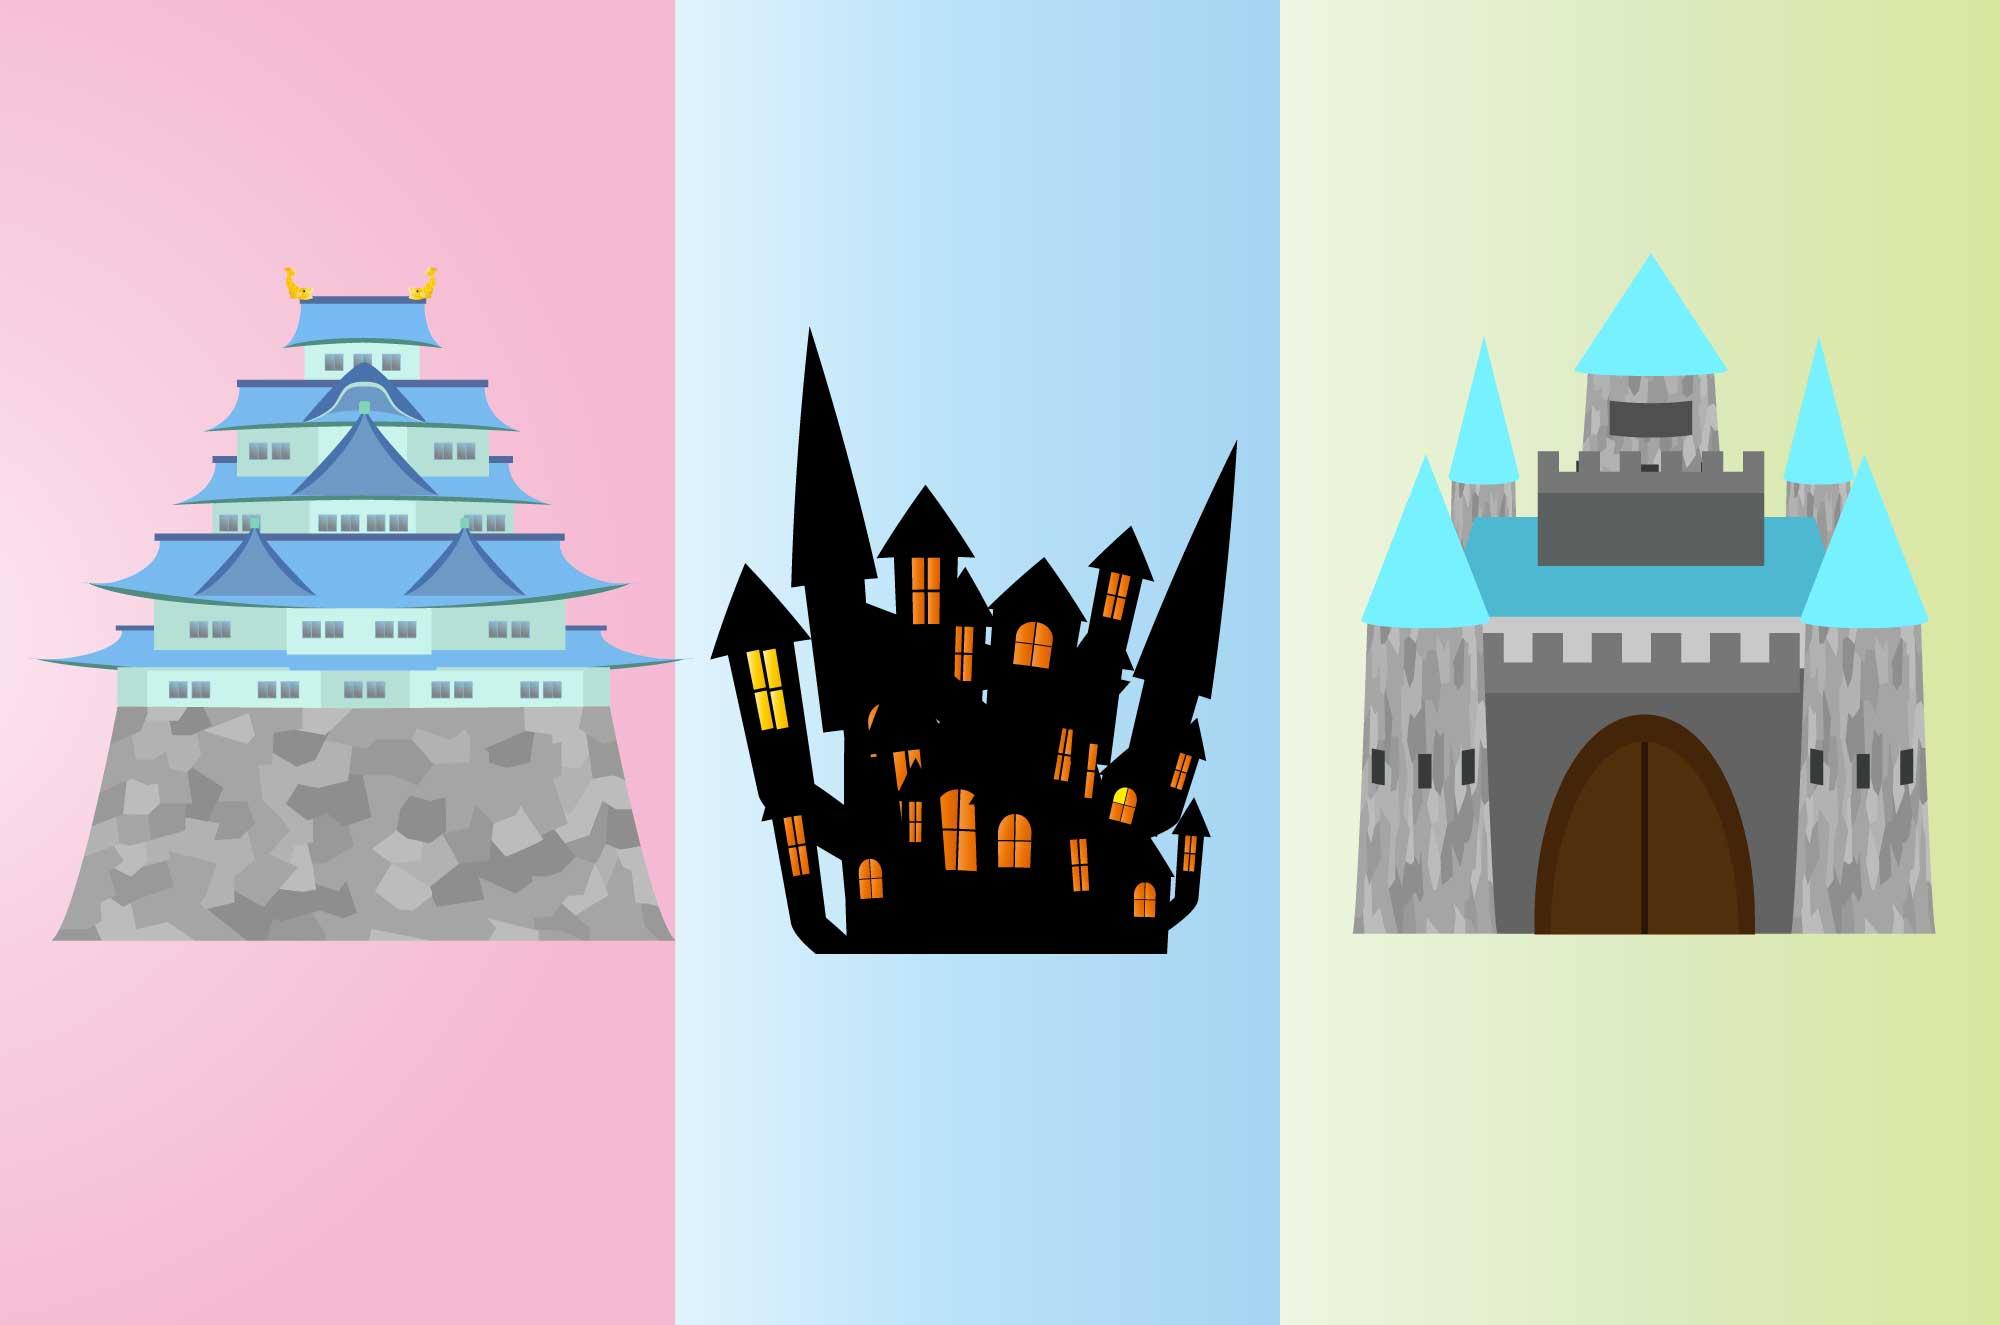 城のイラスト - 洋風と和風の古い建物フリー素材